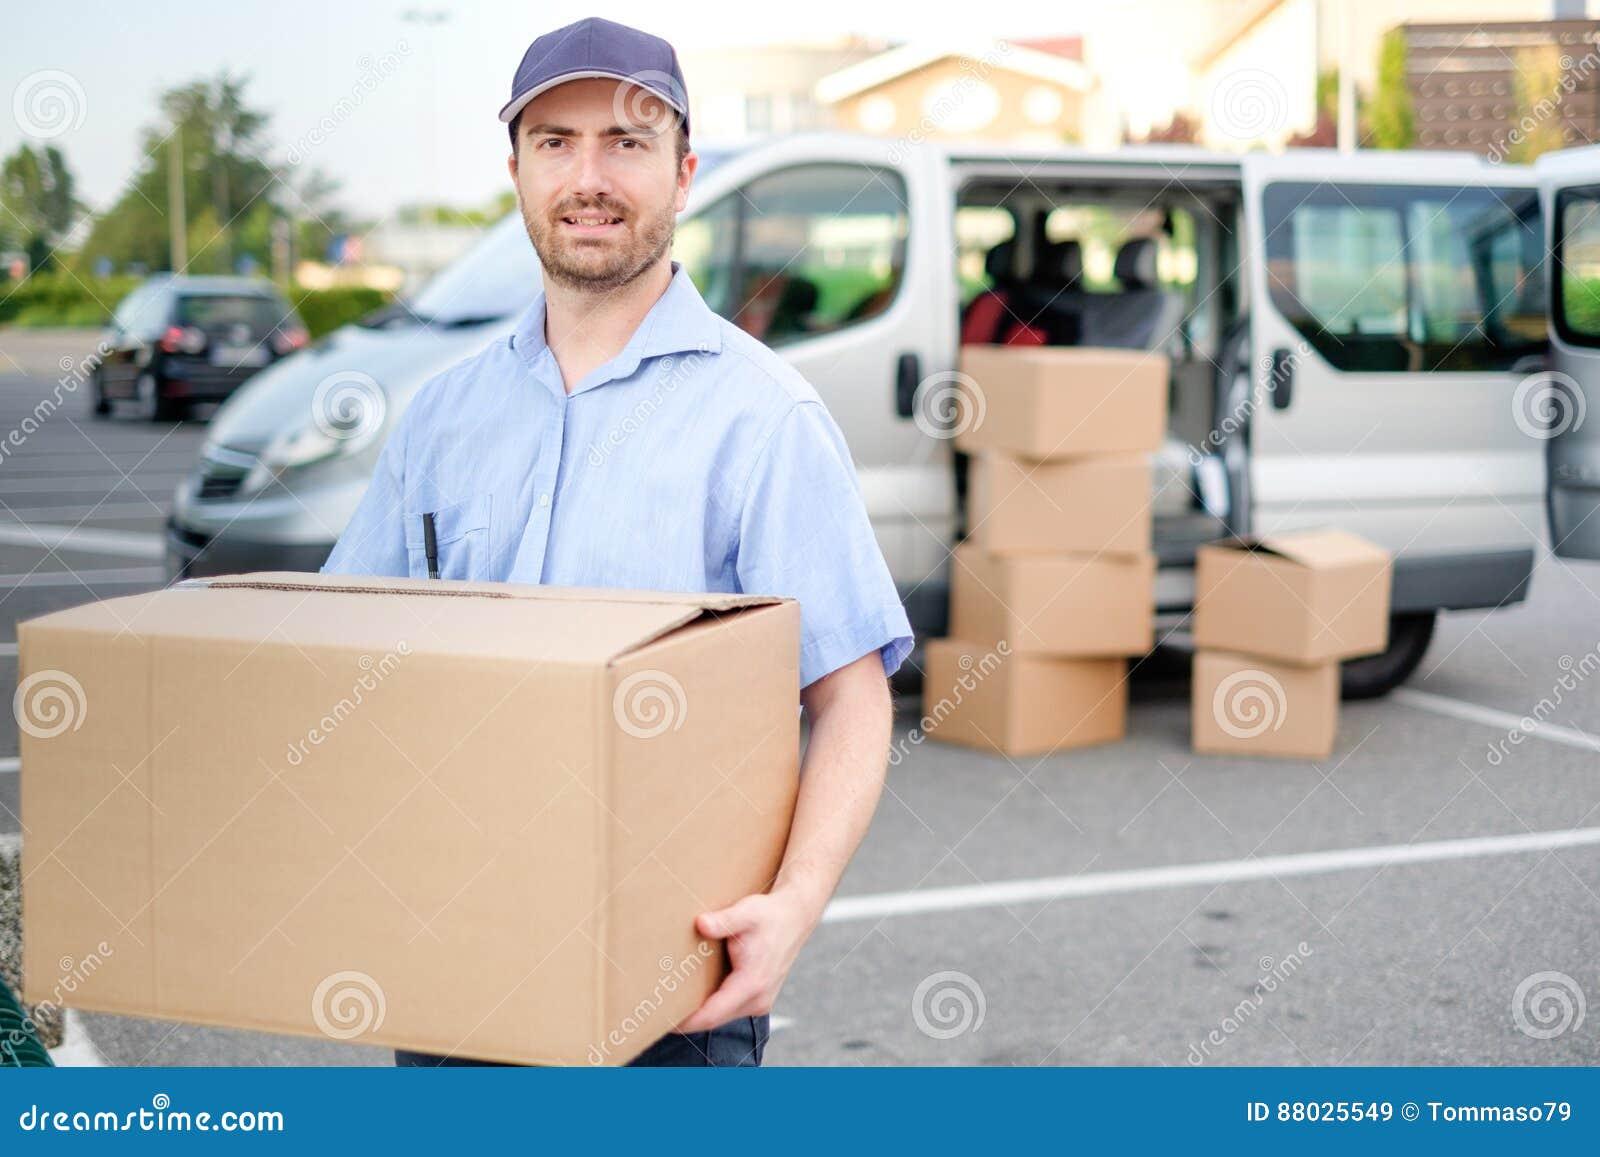 Portret van vertrouwens uitdrukkelijke koerier en leveringsbestelwagen